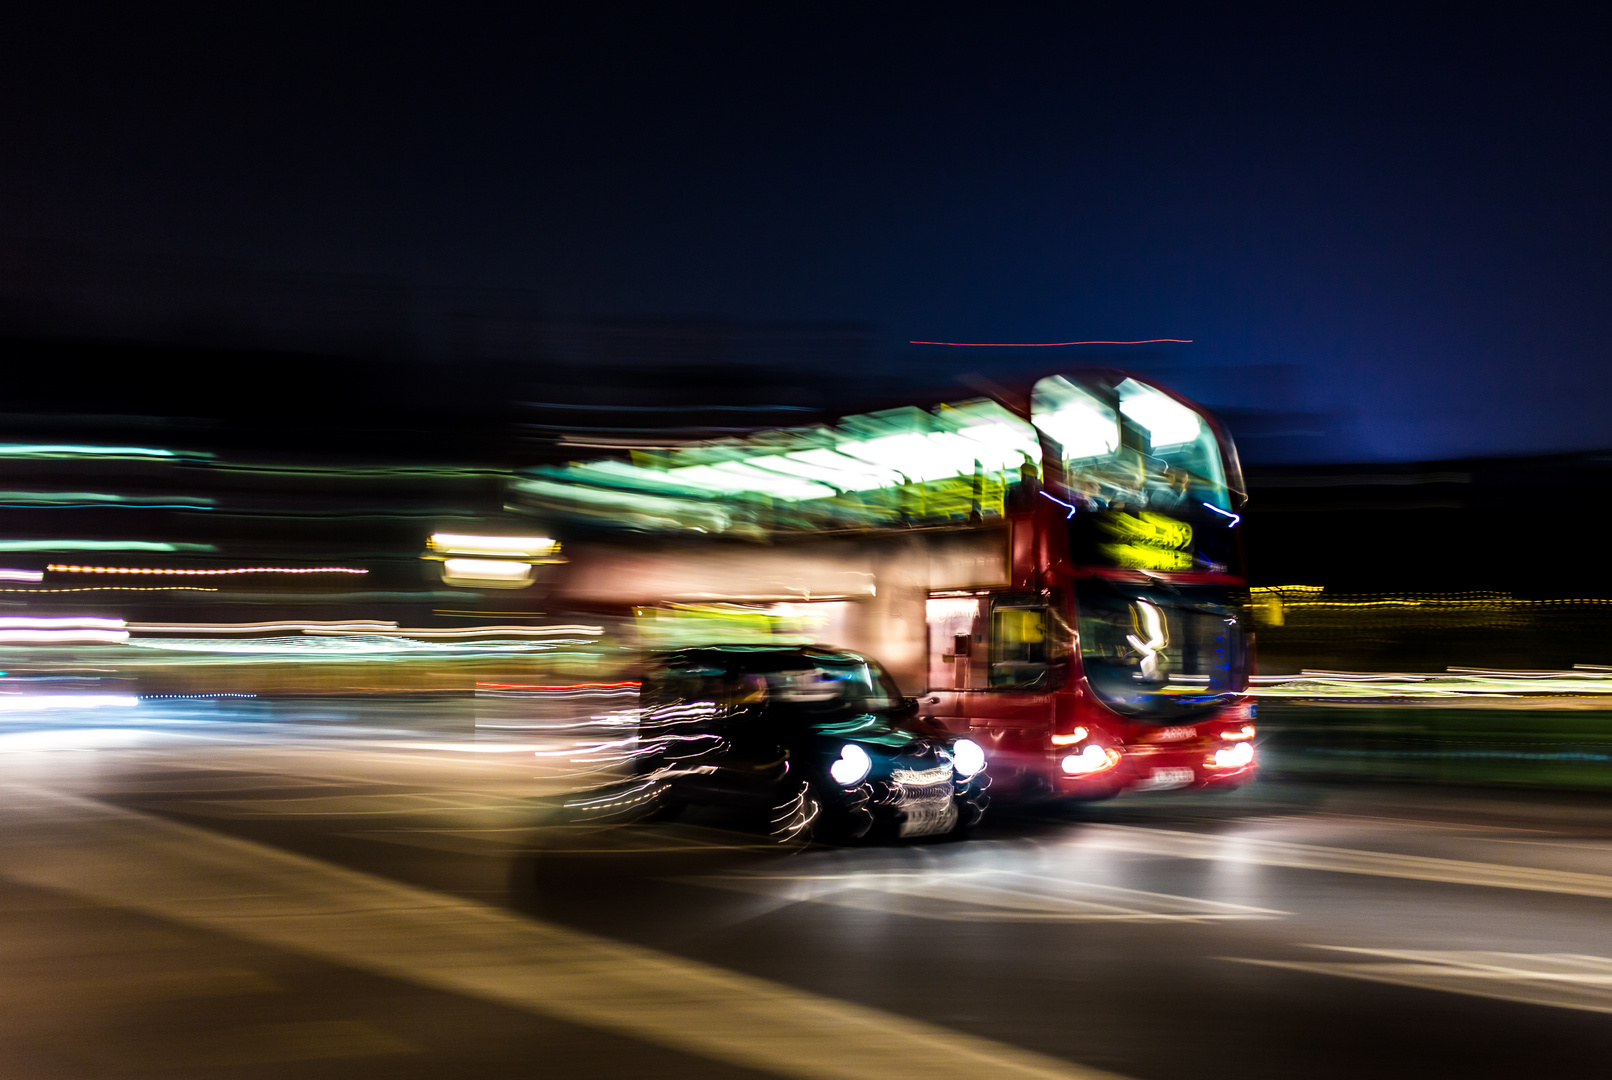 Bus vs. Taxi